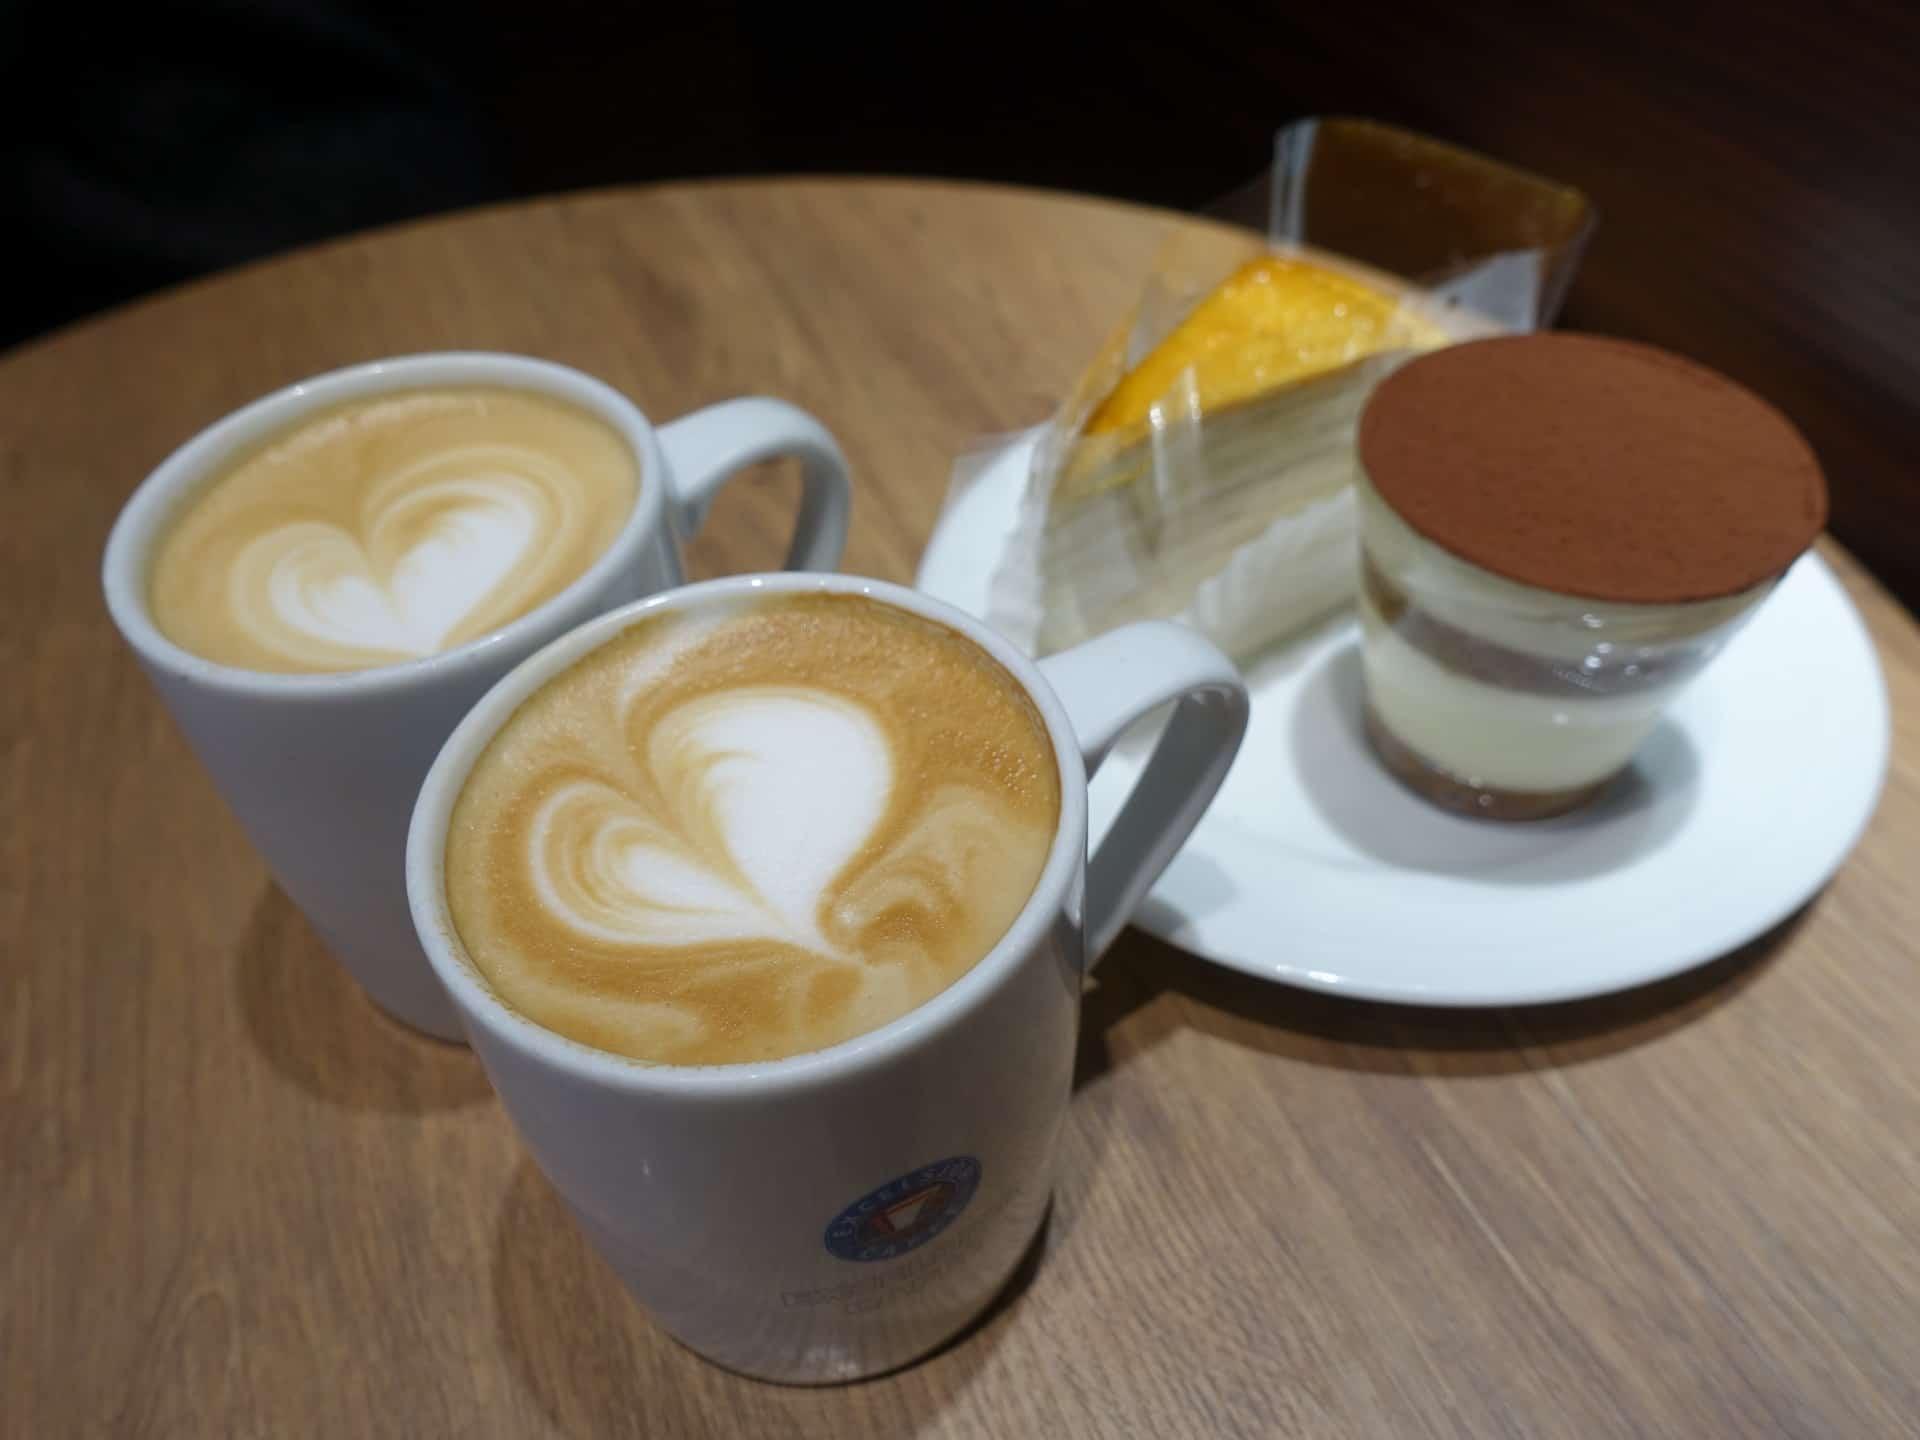 エクセルシオールカフェ神戸元町店 − ミルクレープやティラミスのスイーツがおすすめ。+250円でドリンクがつけられるよ